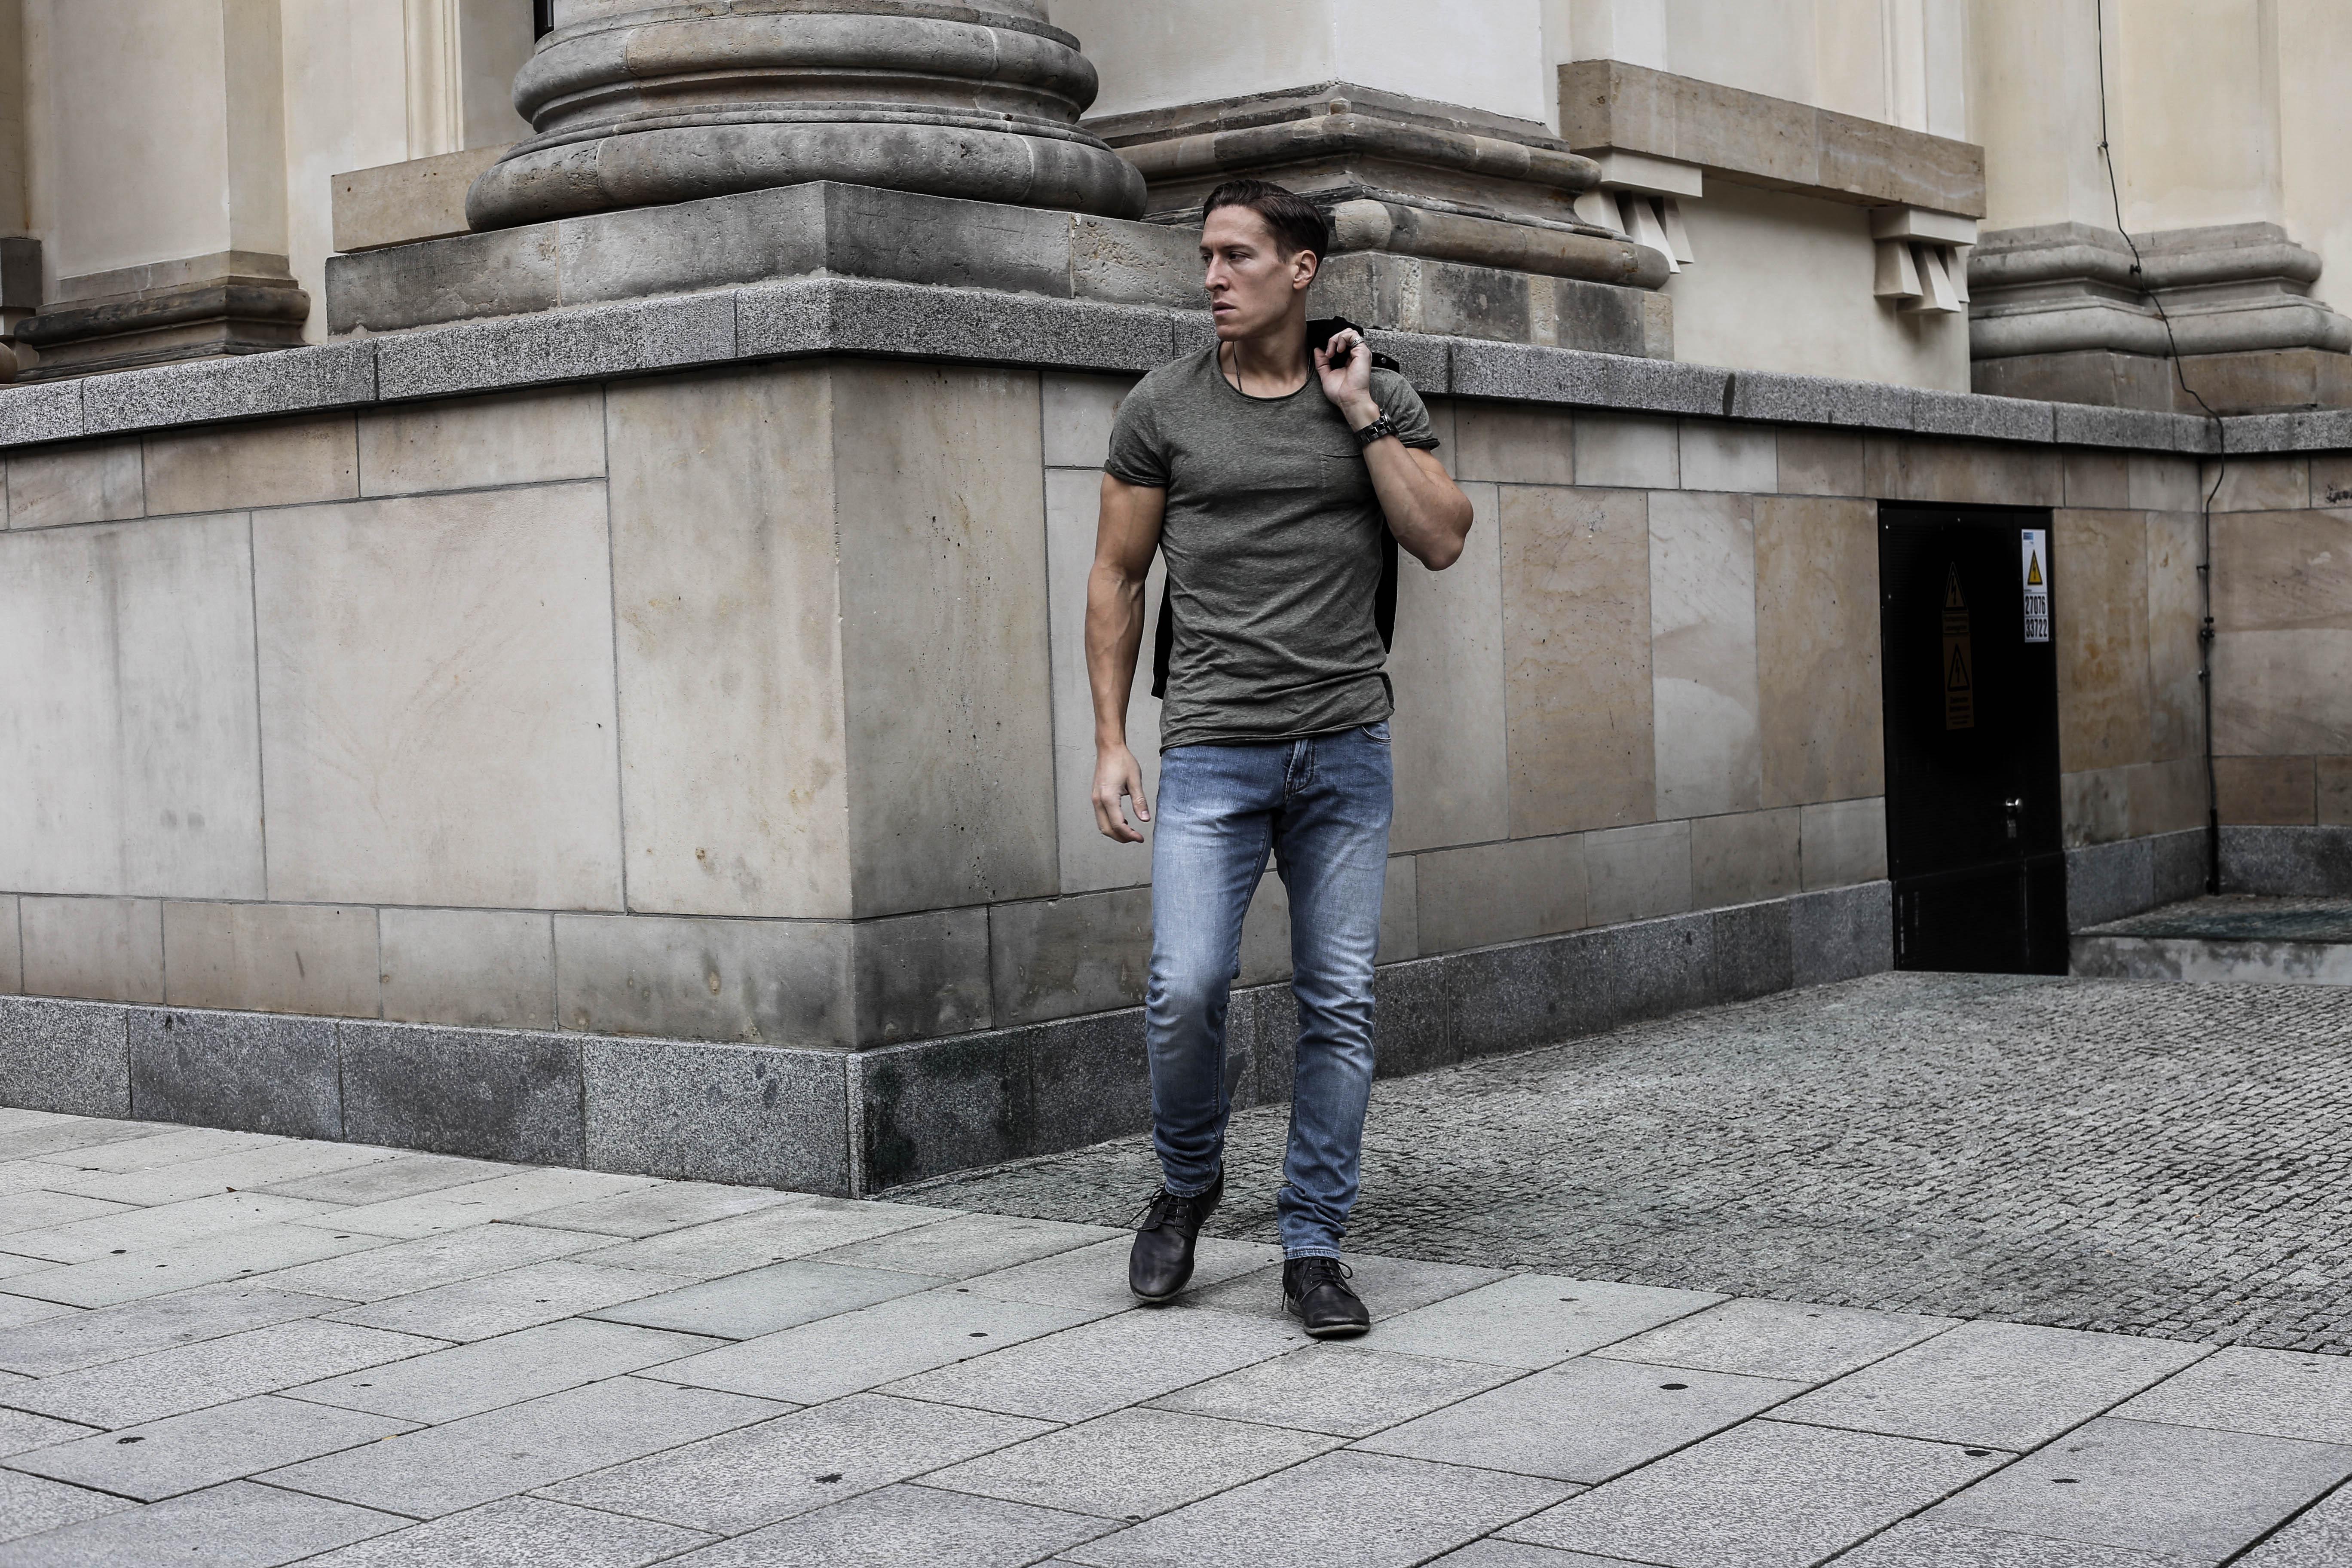 schwarze-jeansjacke-menfashion-streetstyle-maennerblog-fashionlook-outfit-casual-berlin_3690